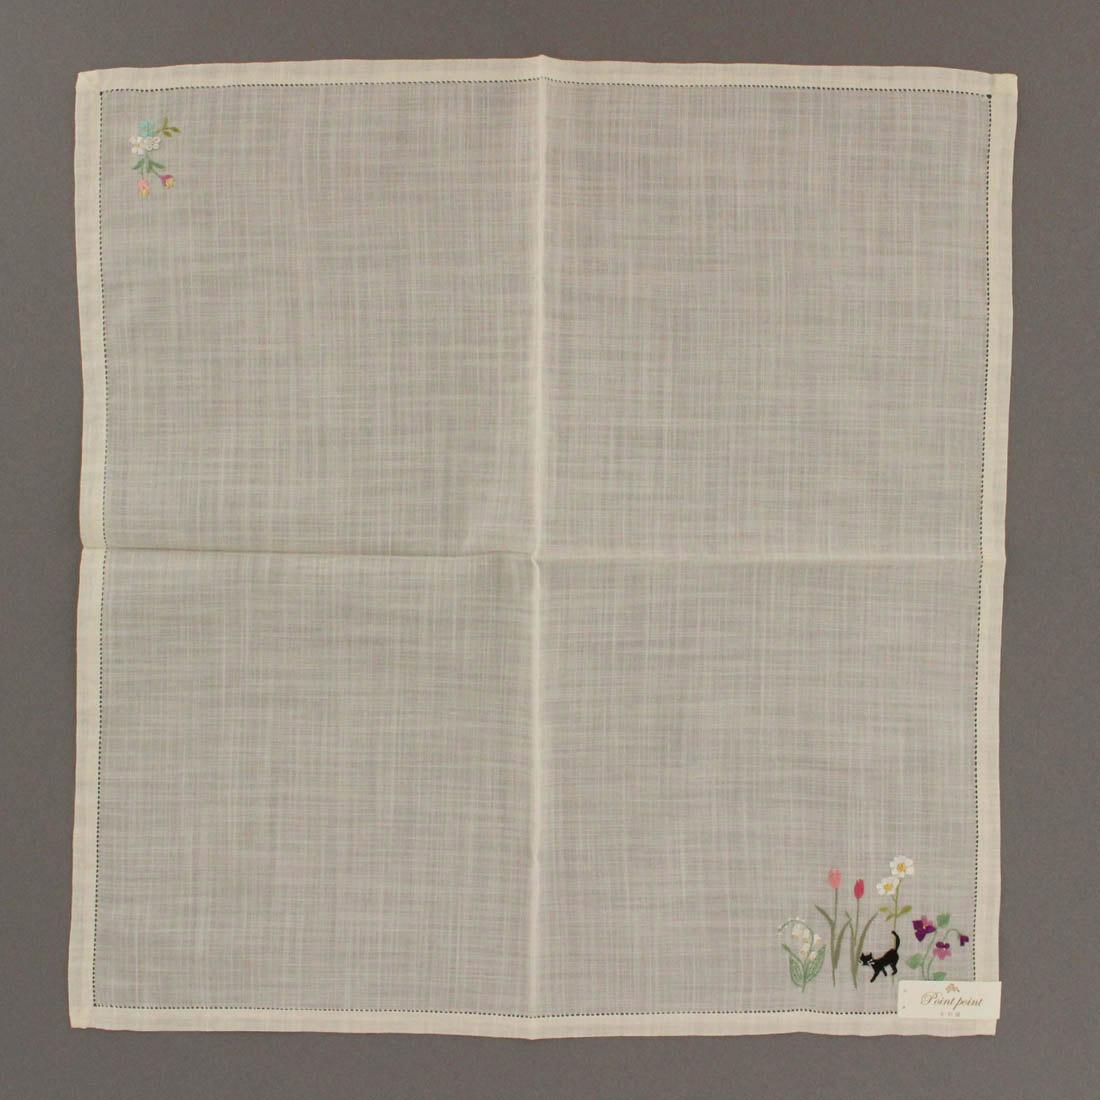 ポワンポワン ベトナム手刺繍ハンカチ 6221-07 イエロー